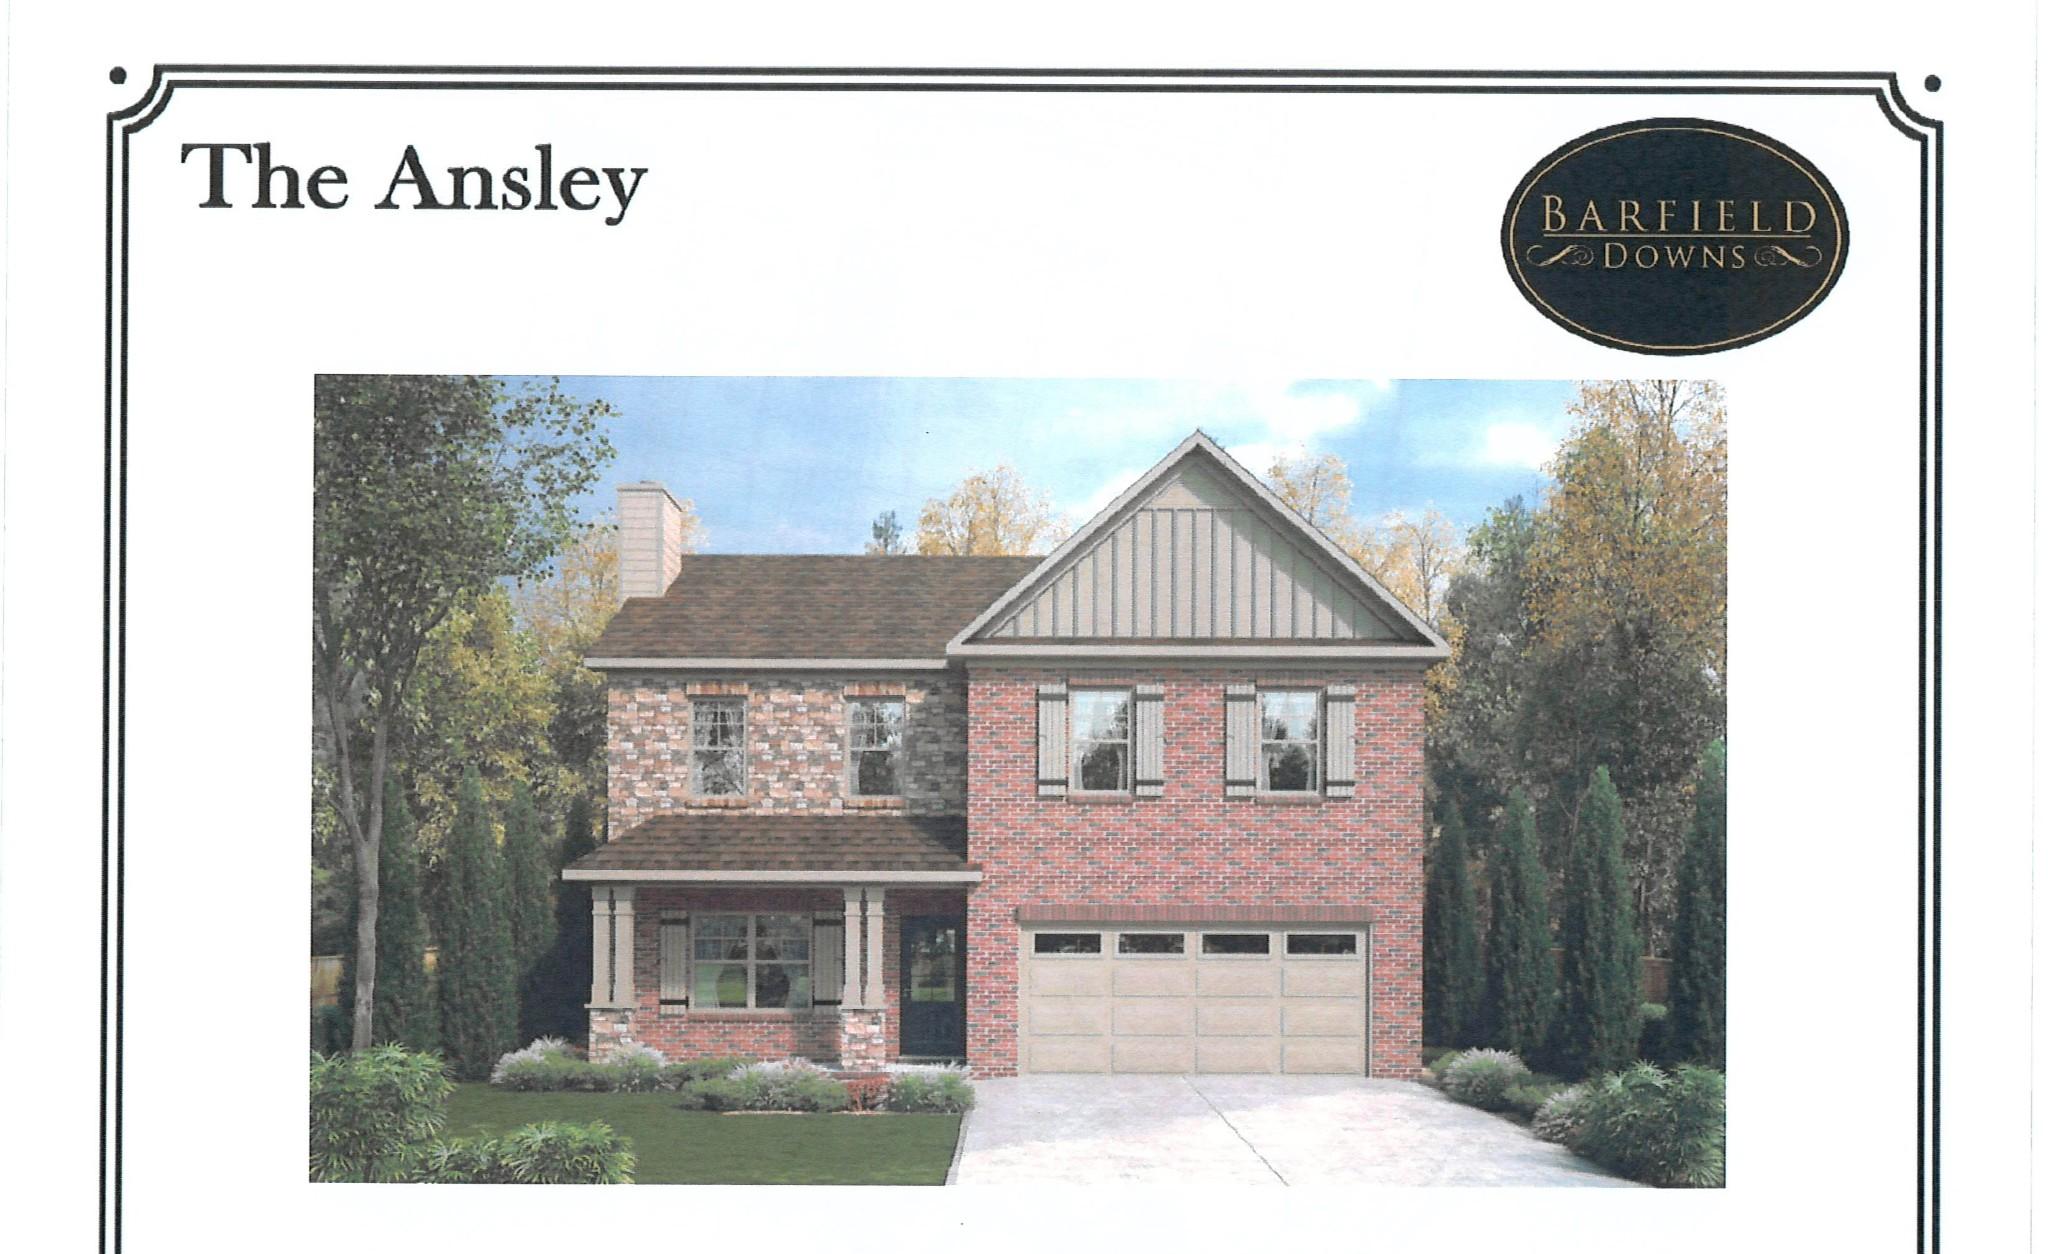 2206 Delafield Ct.- #129, Murfreesboro, TN 37128 - Murfreesboro, TN real estate listing